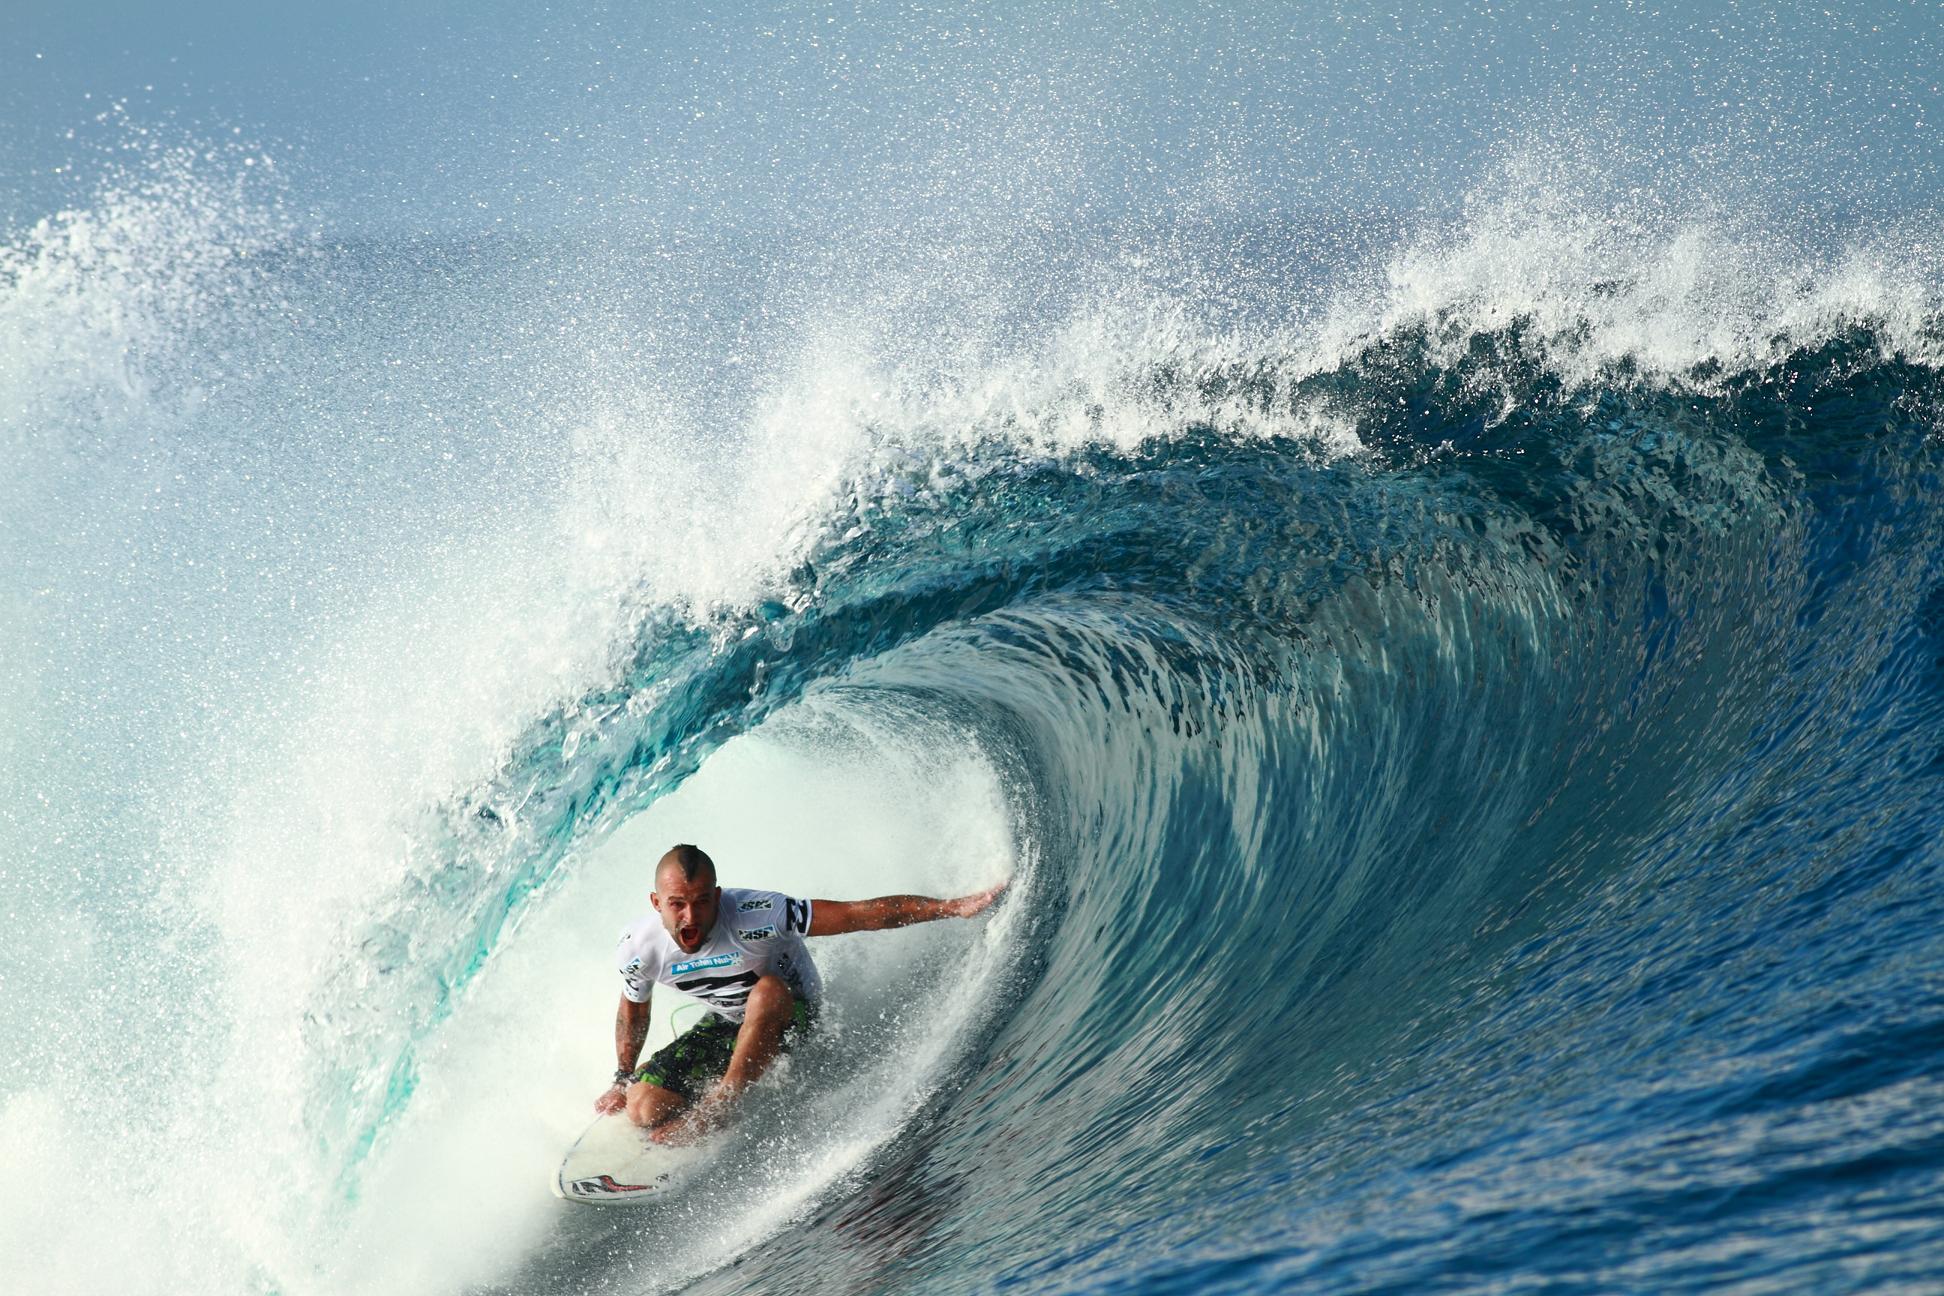 Neco Padaratz foi um dos adeptos do power surf. Foto: Aleko